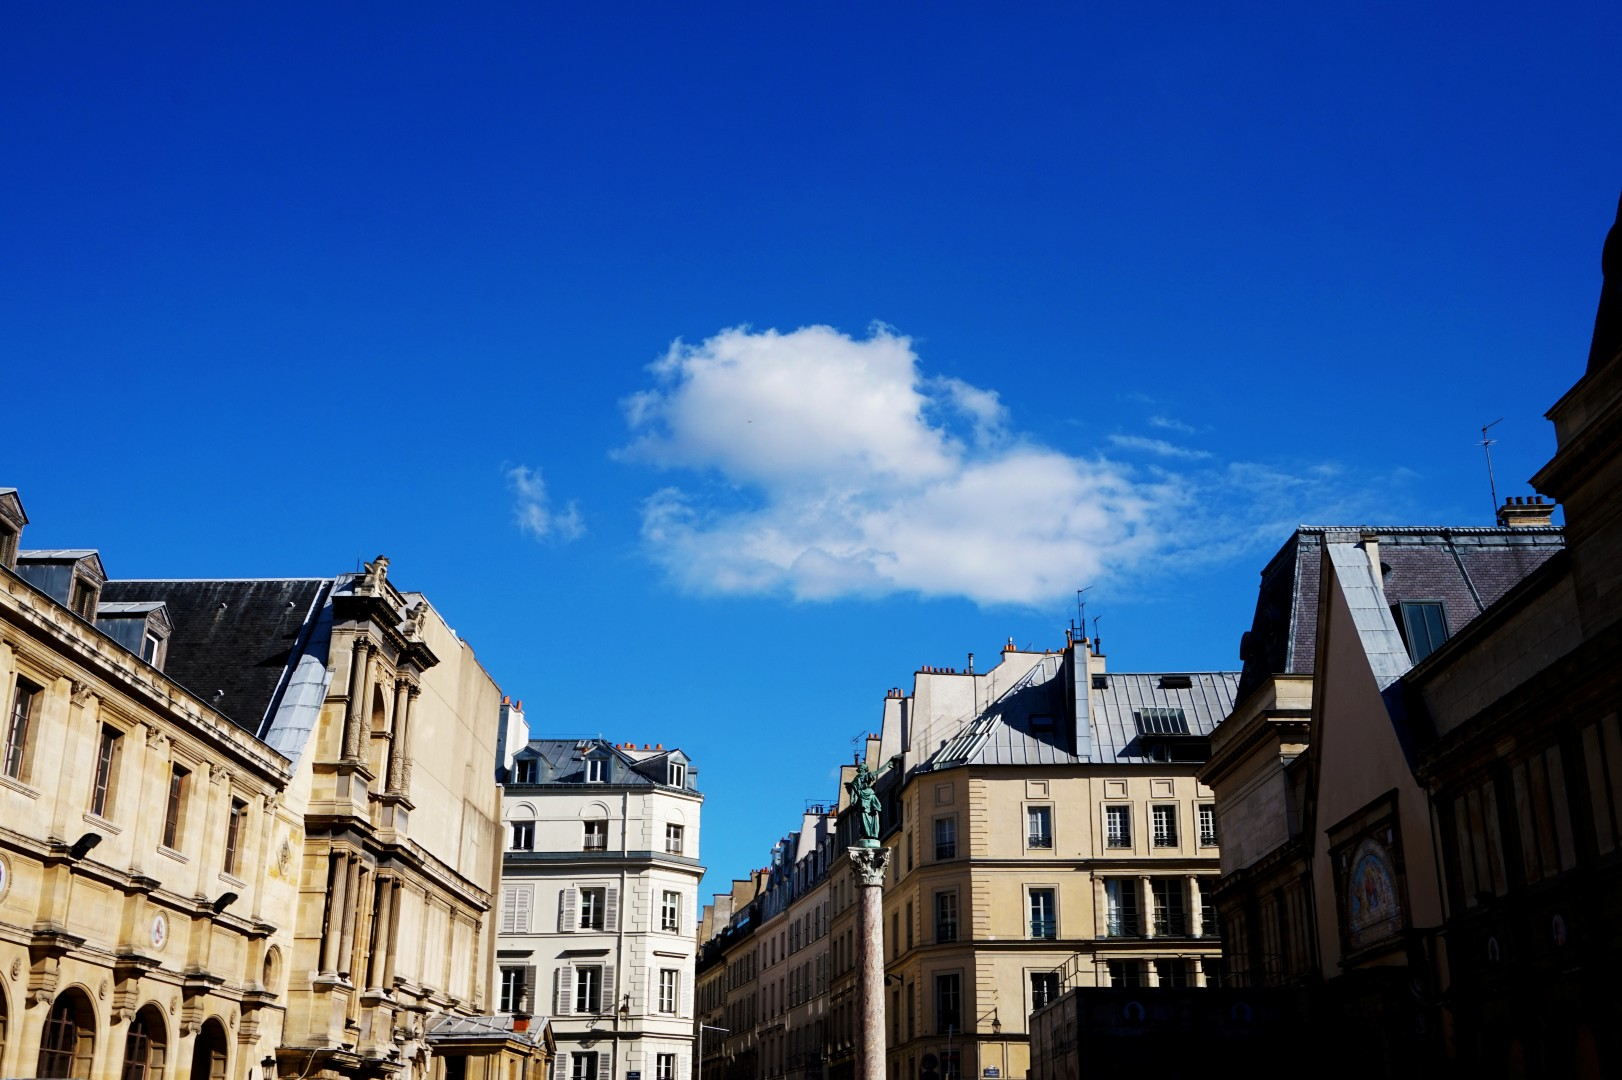 Beaux Arts de Paris - Cour d'honneur